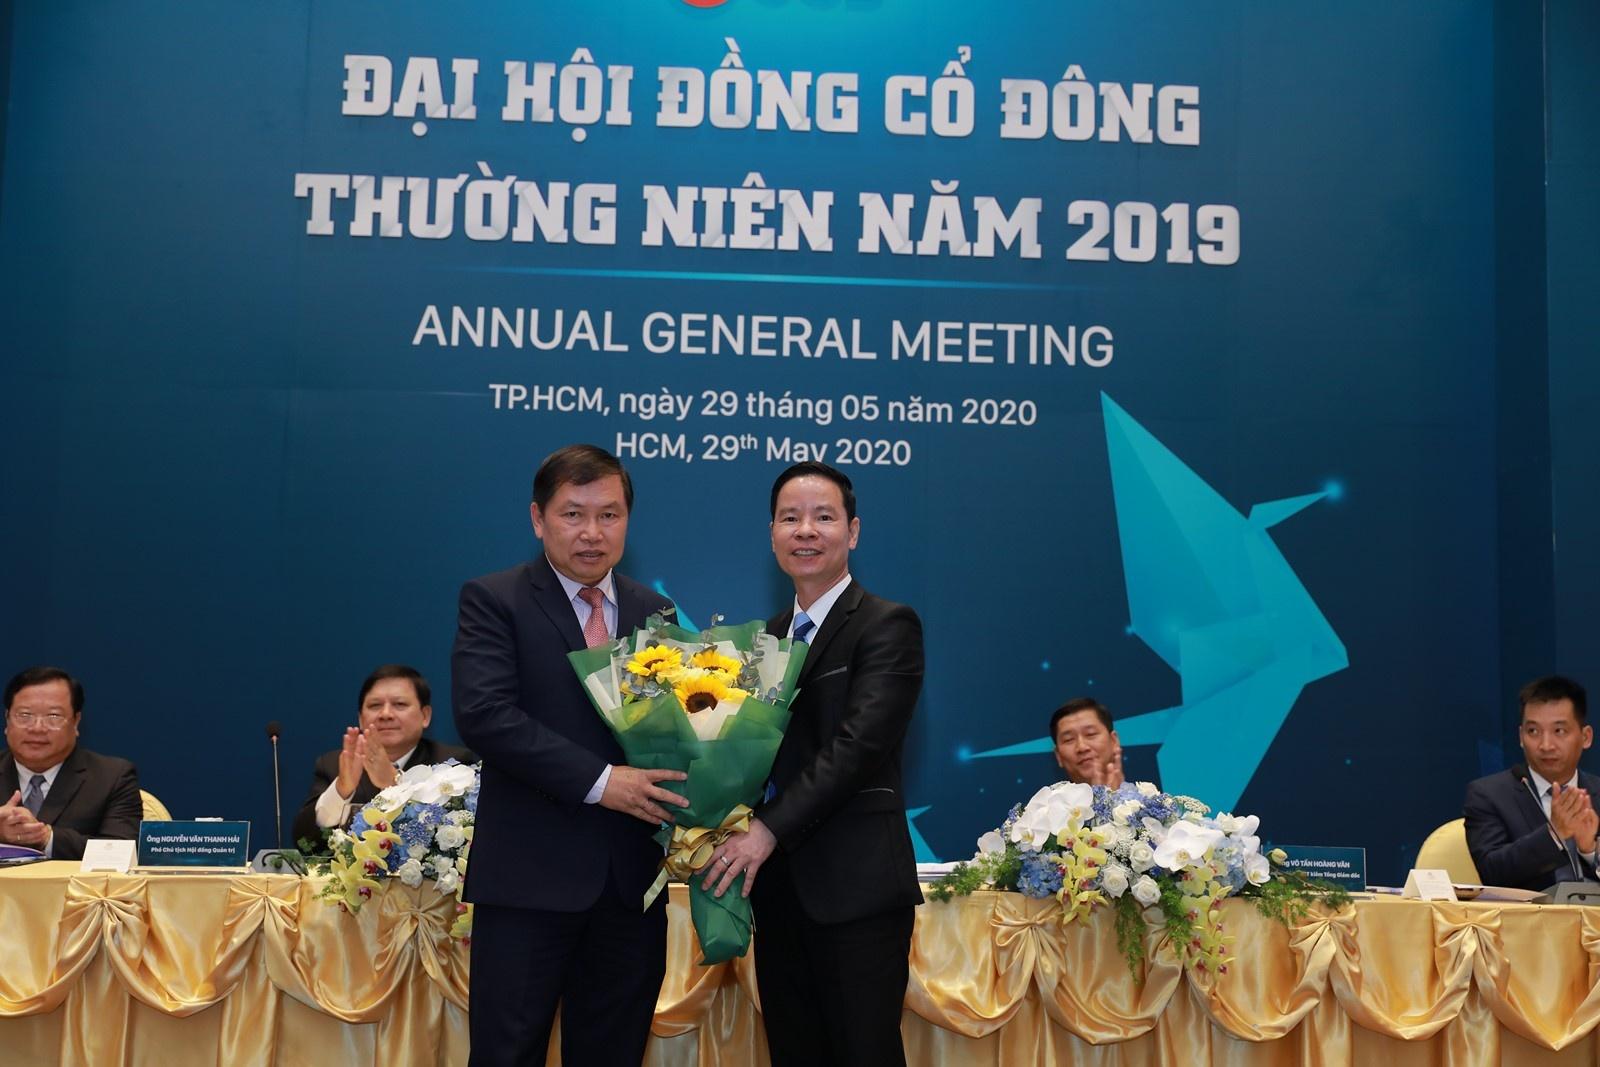 scb duoc dai hoi thong qua tang von dieu le len muc hon 20 nghin ty dong